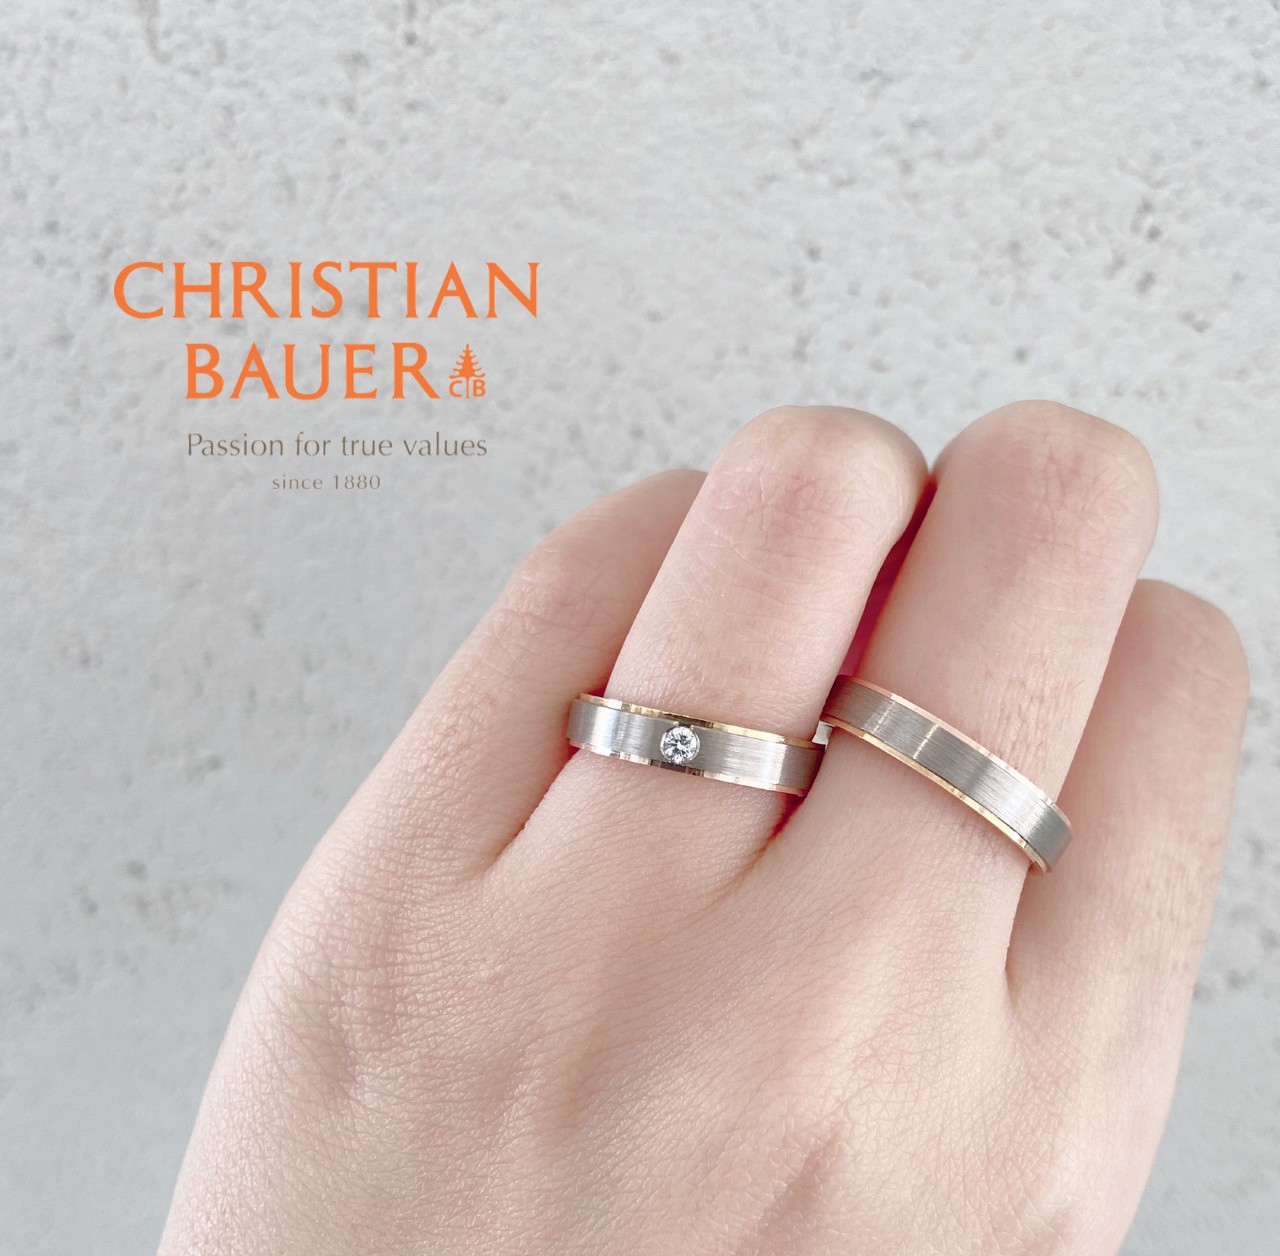 新潟で人気の結婚指輪(マリッジリング)と婚約指輪(ダイヤモンドエンゲージリング)鍛造 | 幅がありのかっこいい結婚指輪(マリッジリング)が似合う手とは